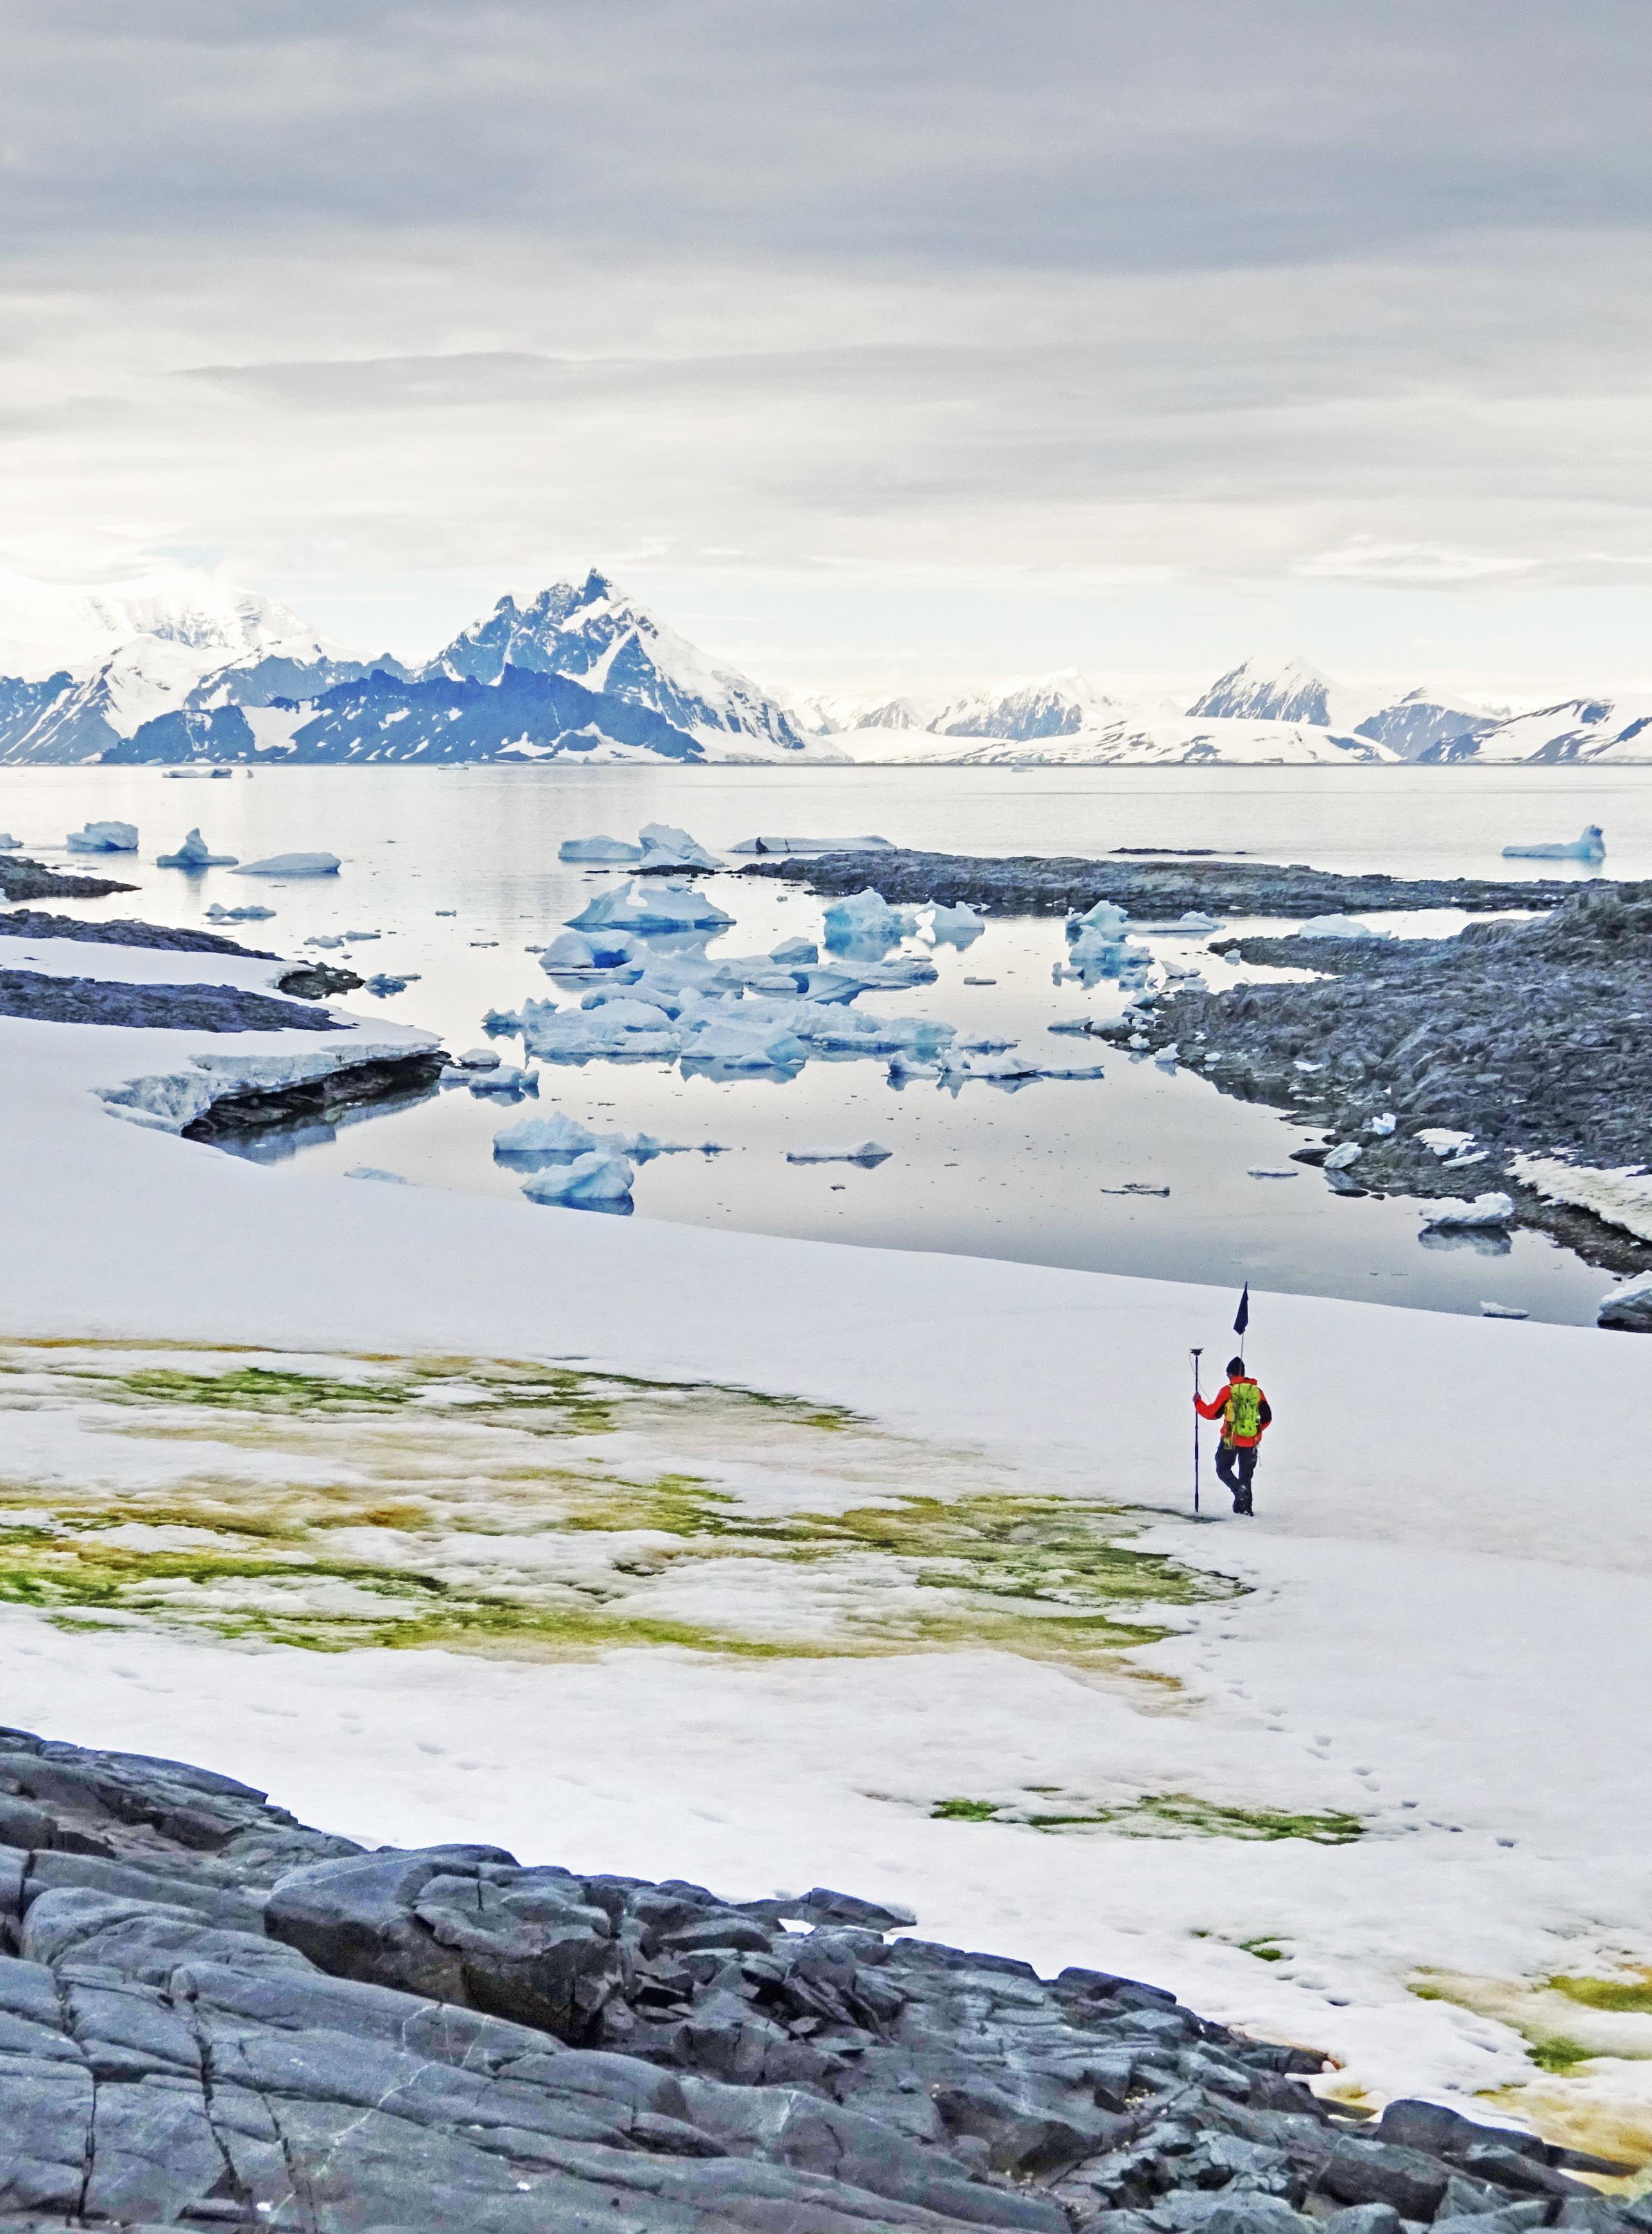 Una fotografía tomada en 2018 y publicada el 19 de mayo de 2020 por la Universidad de Cambridge y Matthew Davey muestra al investigador Andrew Gray geoetiquetado las algas de nieve que florecen en la isla de Anchorage, cerca de la estación de Davis, en la Antártida. (Foto de Matthew Davey / Universidad de Cambridge / AFP)